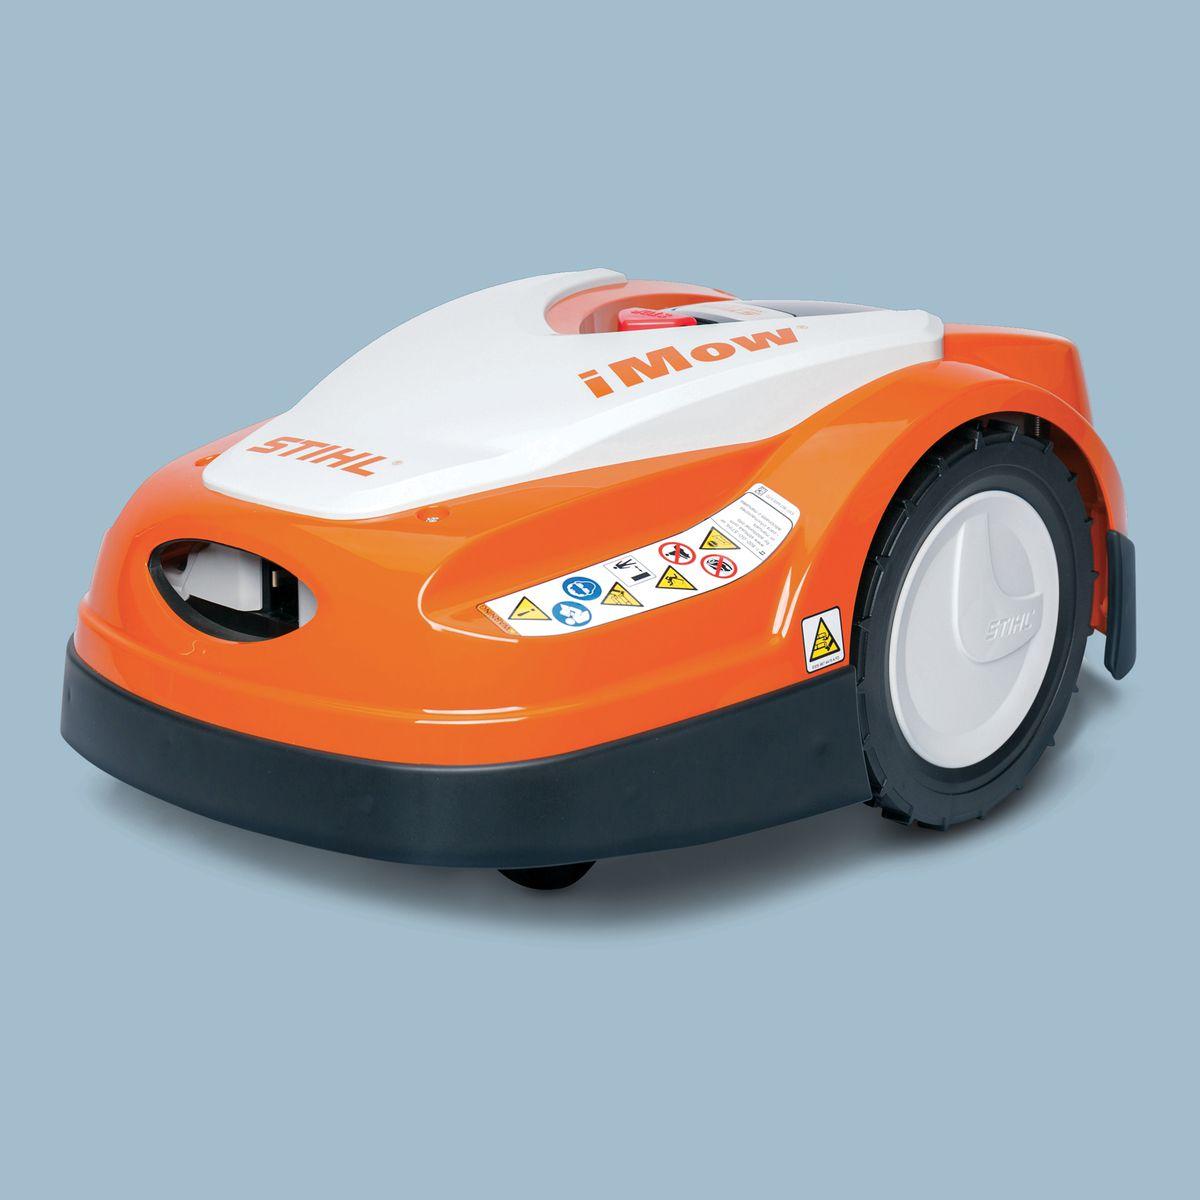 Summer 2021, Smart Home, robot mower